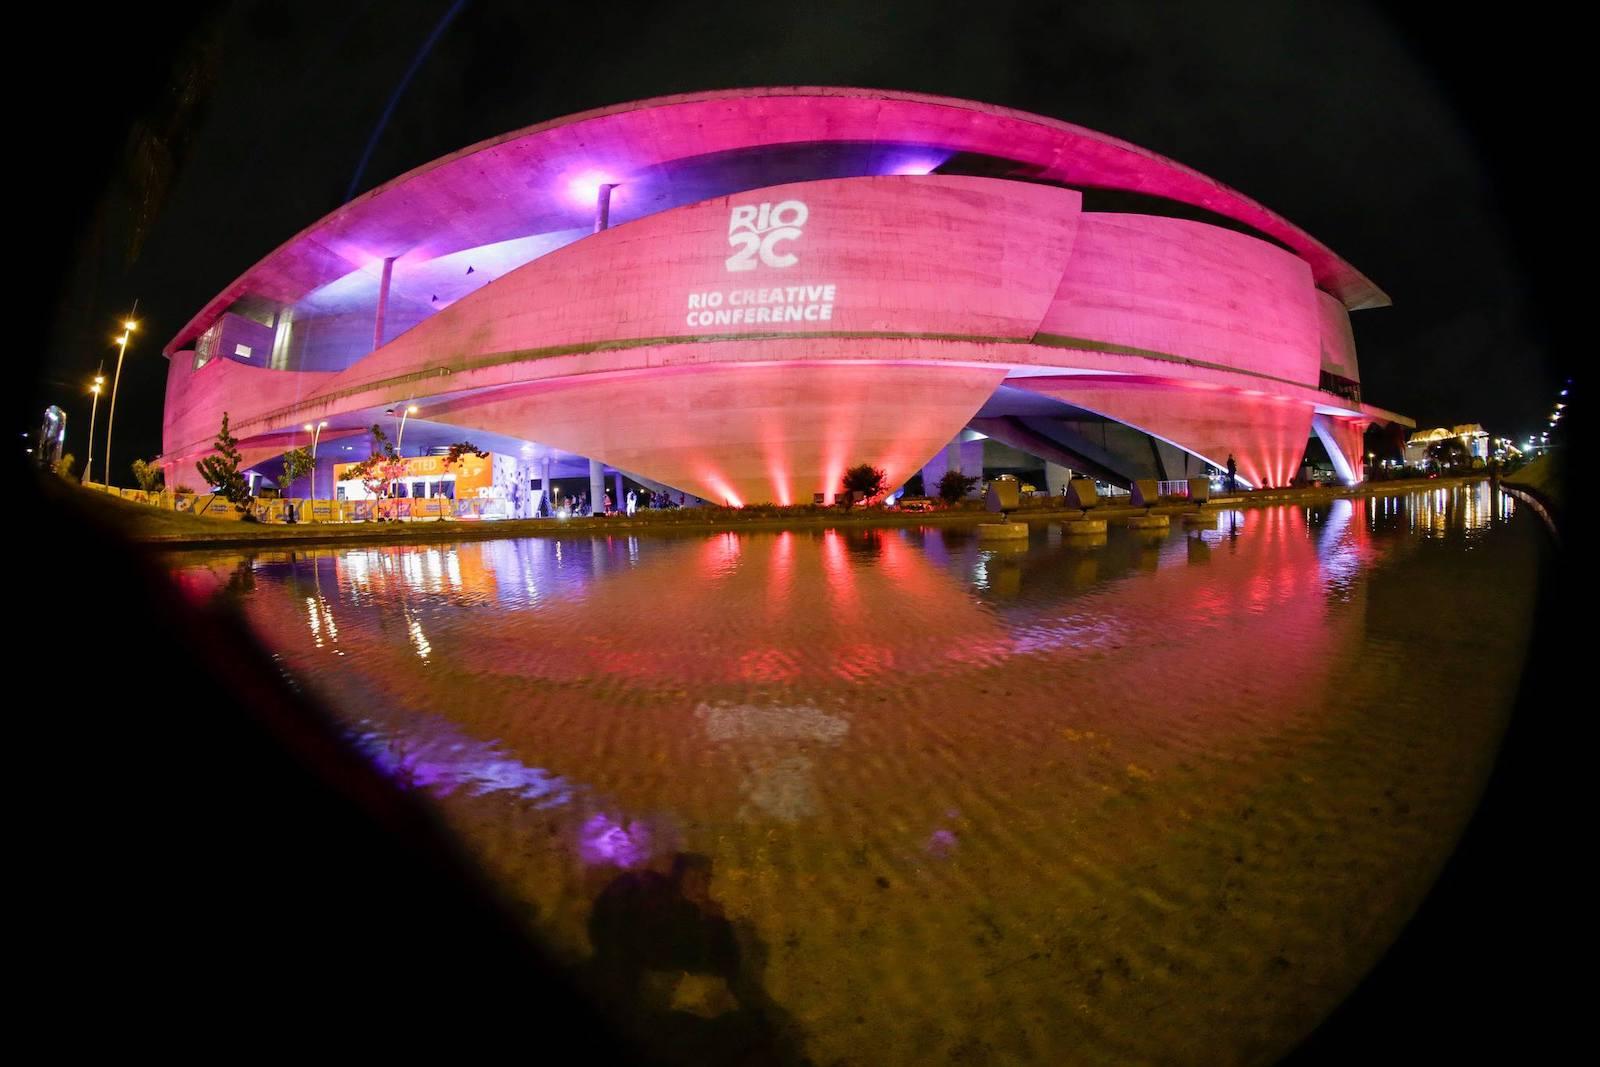 Rio2C – um festival de criatividade e inovação com a cara do Rio (e que você ainda vai ouvir falar muito)